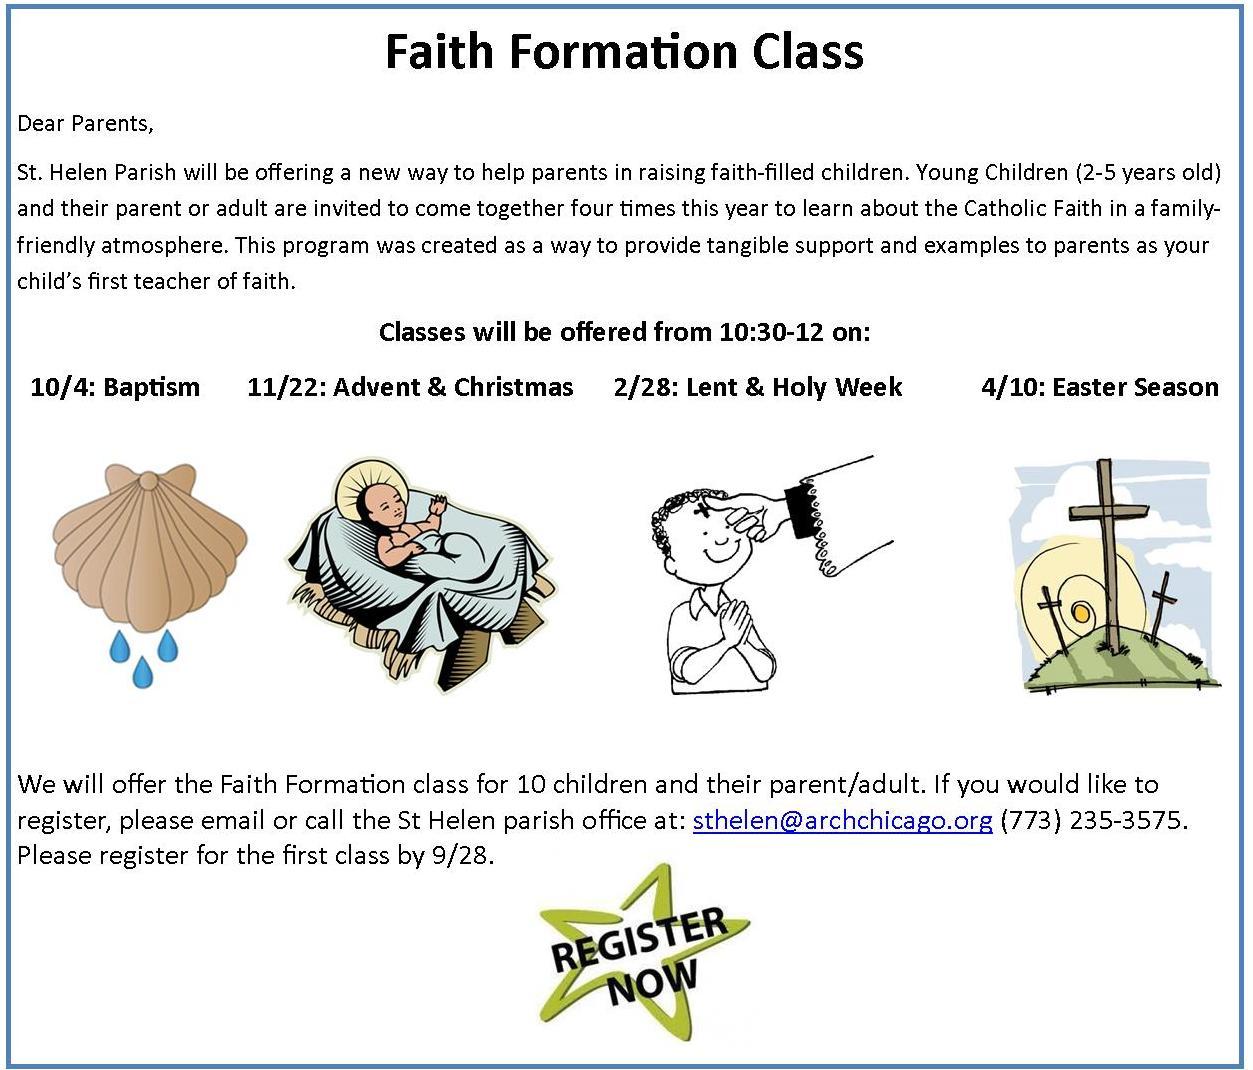 faith formation class flyer